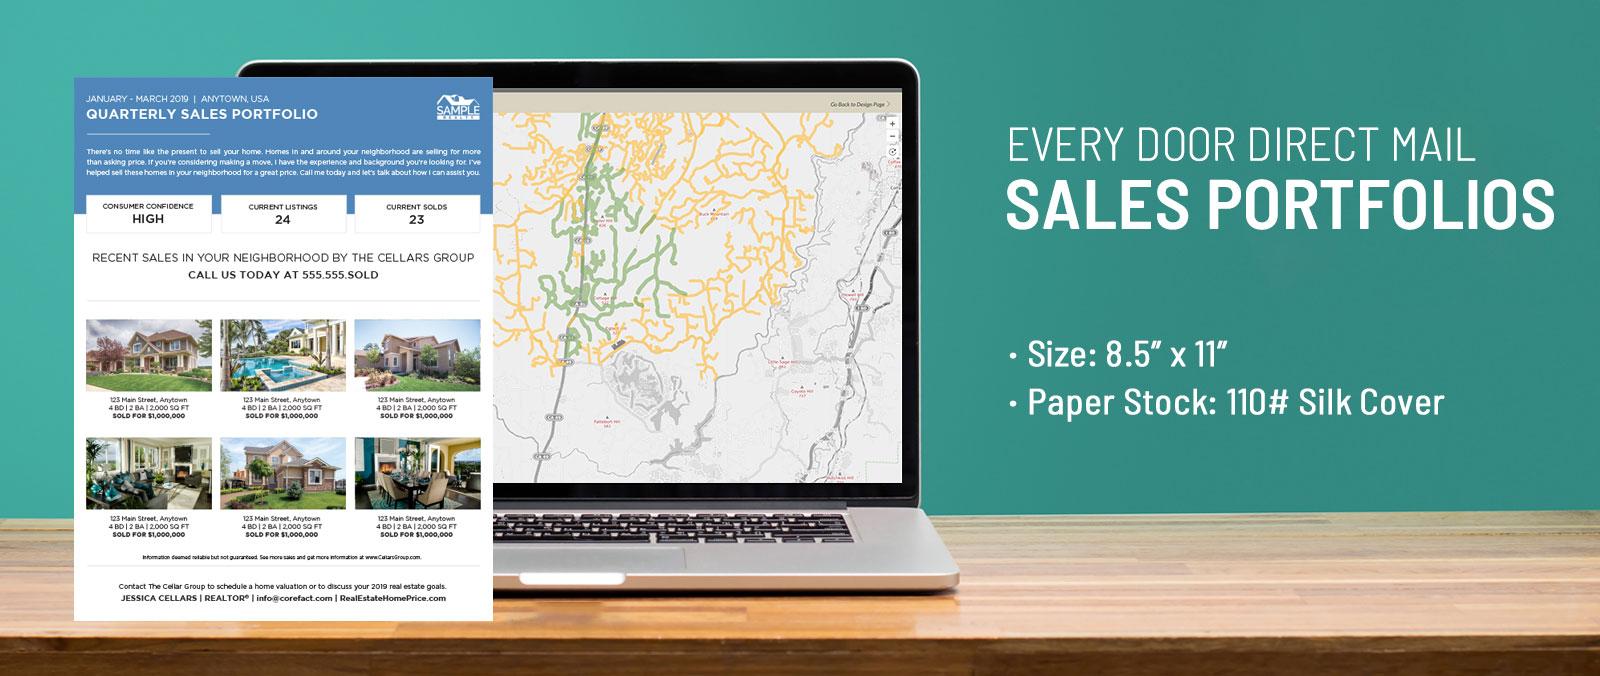 EDDM Sales Portfolios